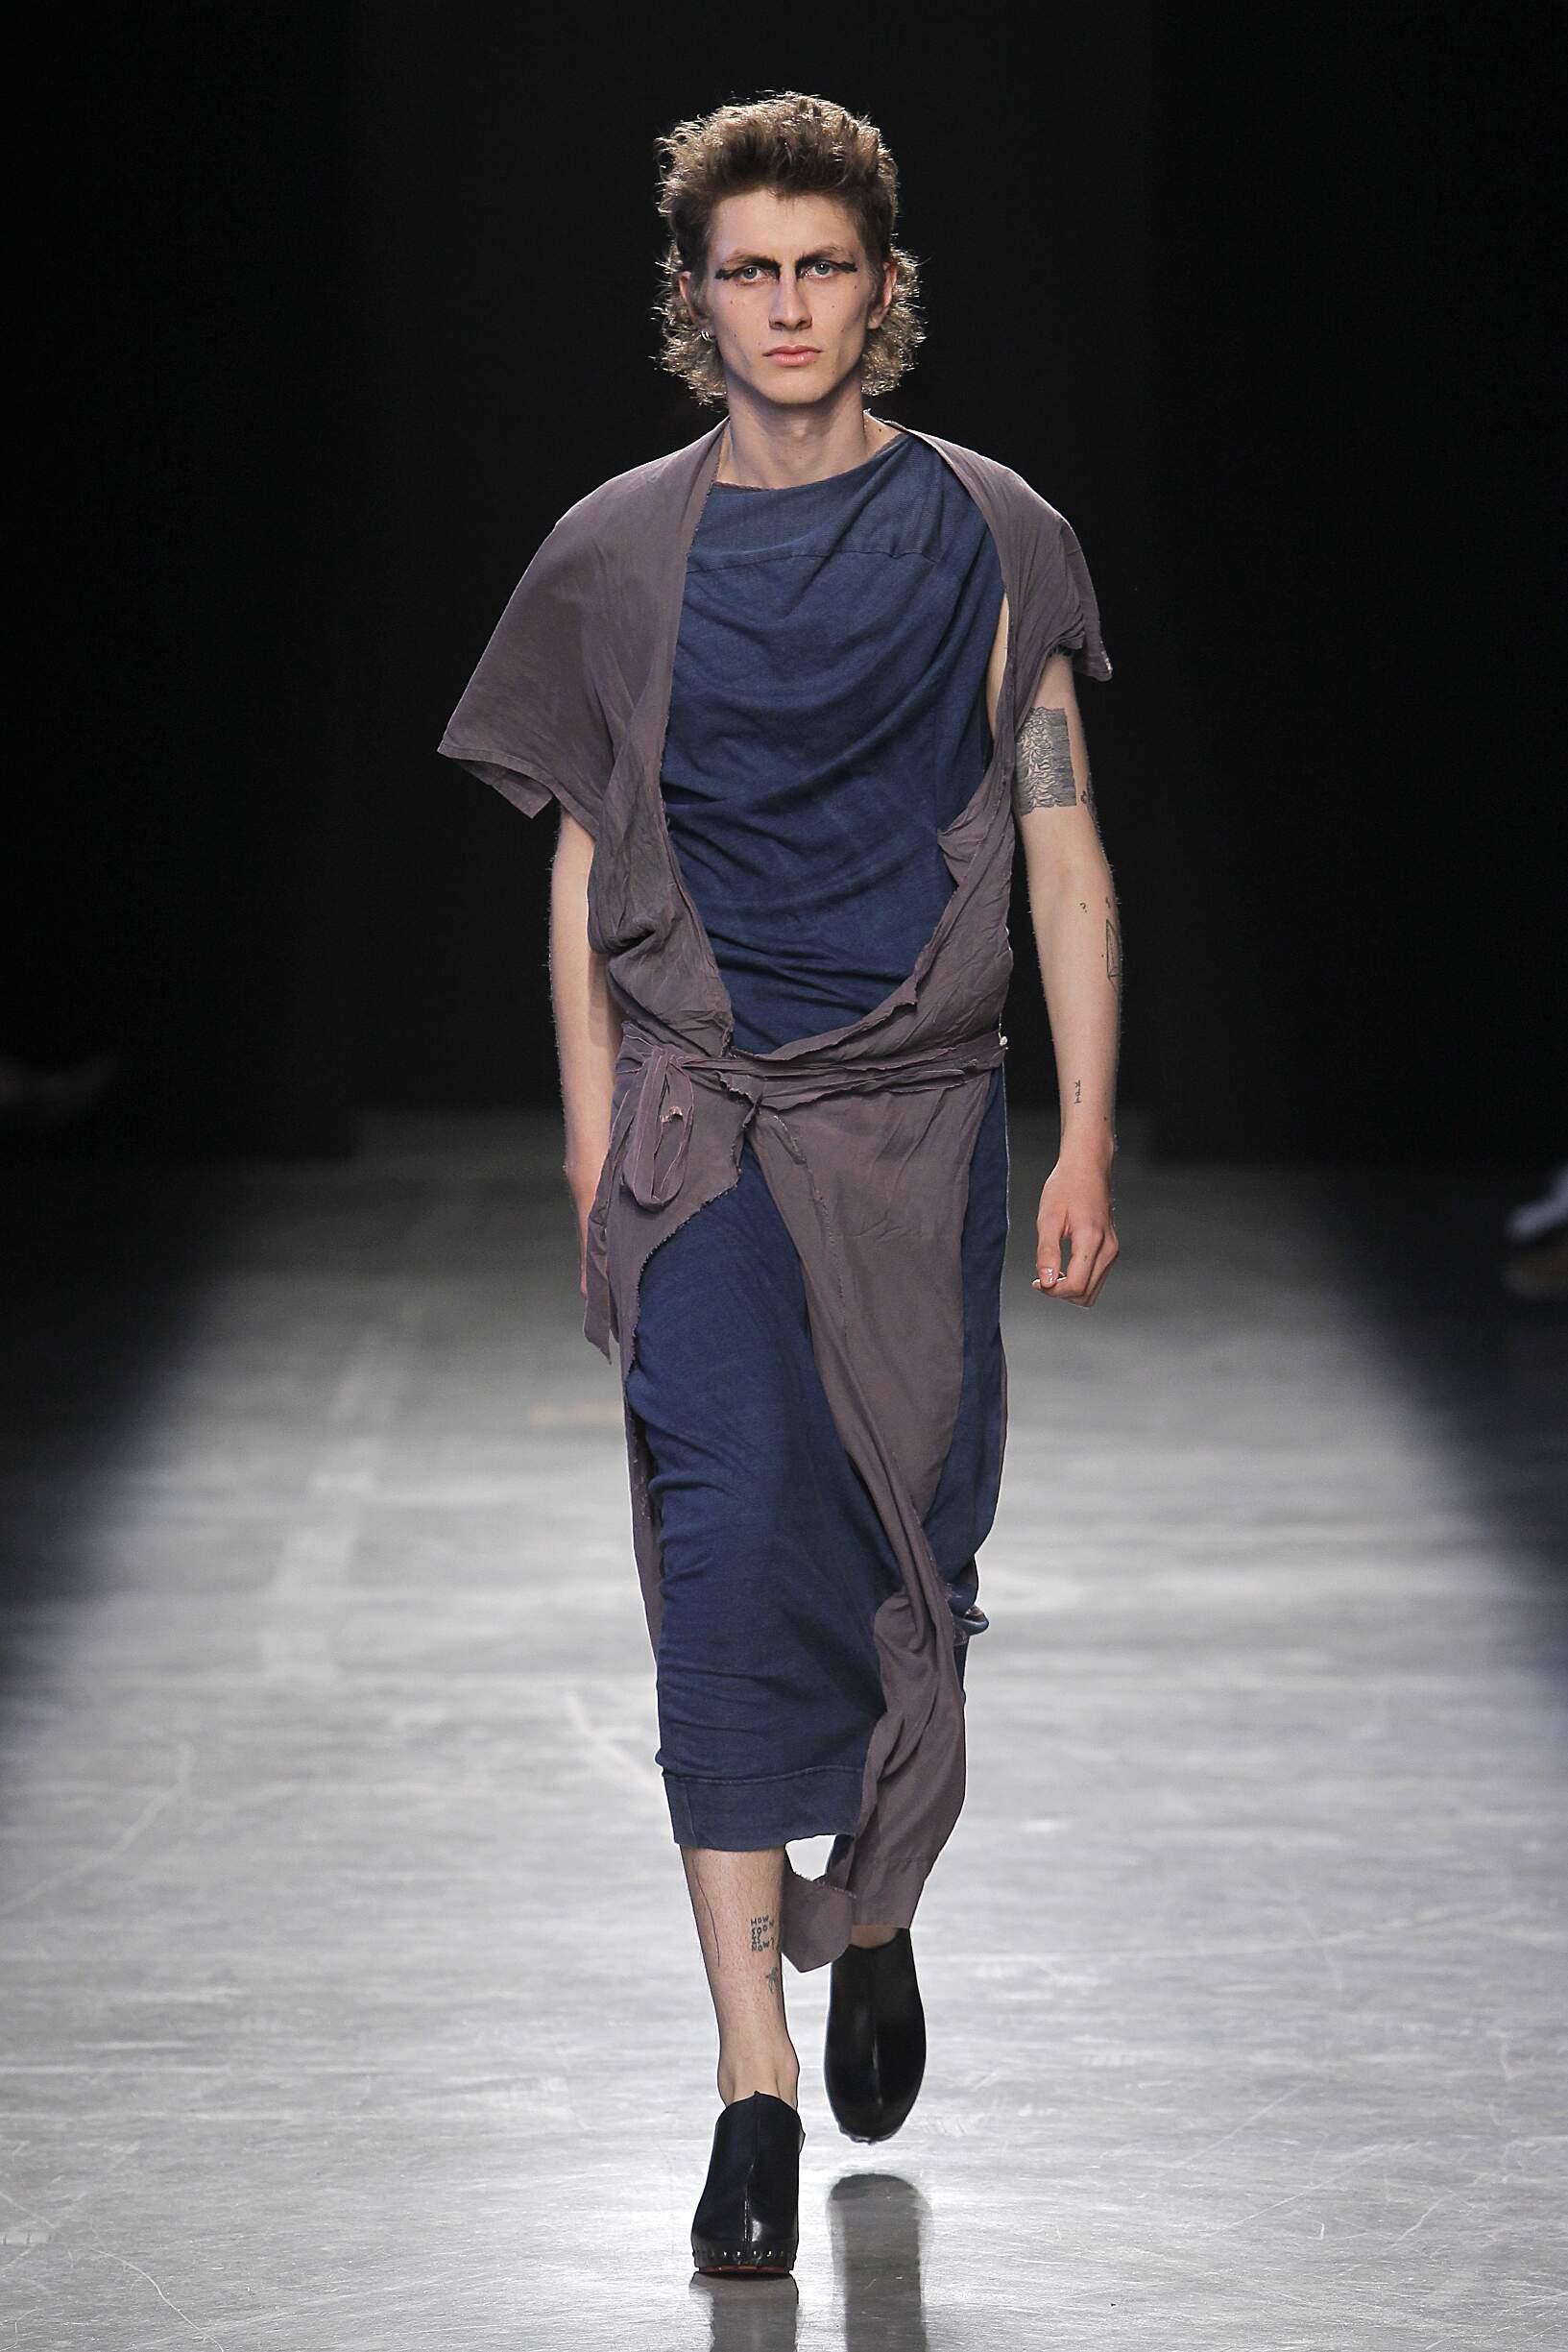 Man Catwalk Andreas Kronthaler for Vivienne Westwood